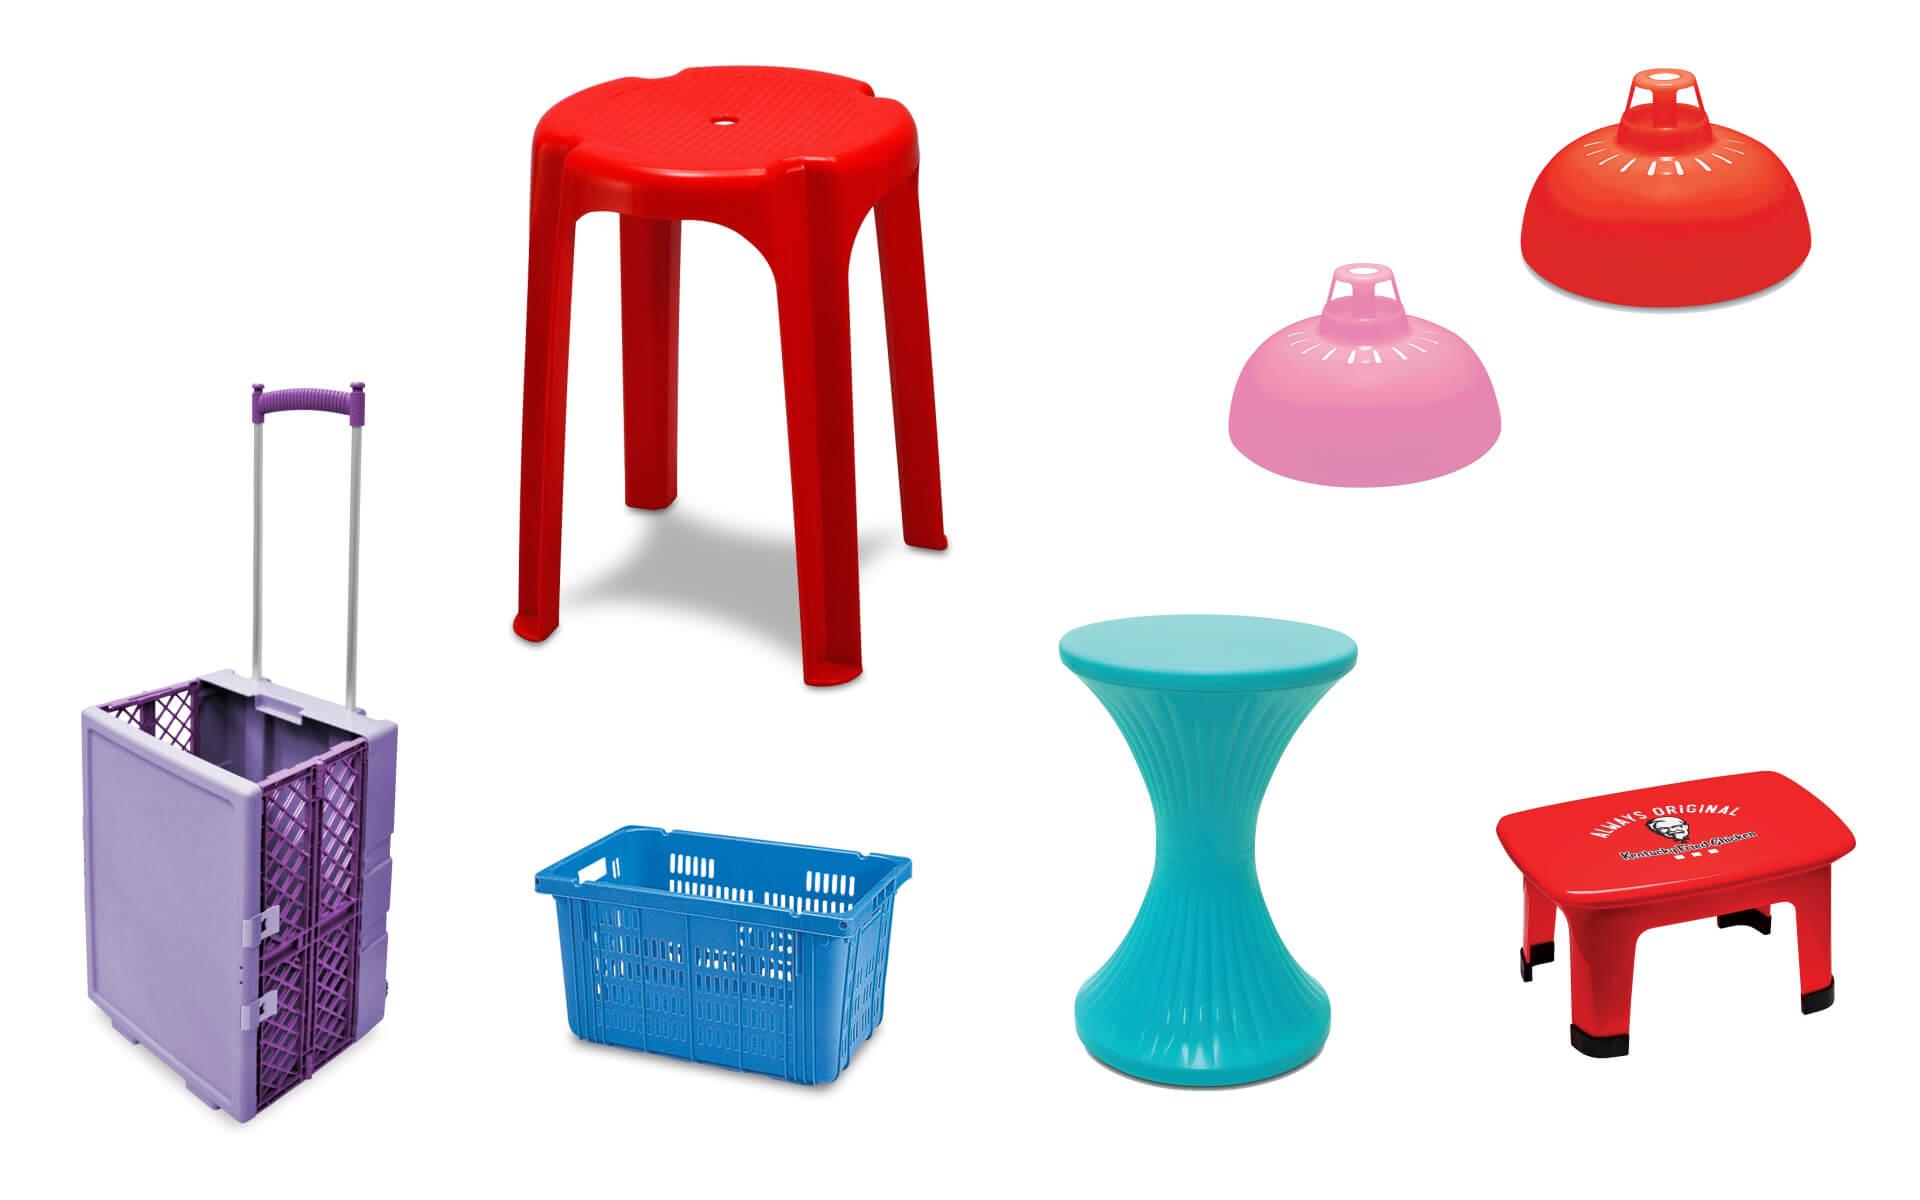 紅A多年來生產無數家用、商用和醫用塑膠產品,生活中總會見過或用過其中一二。